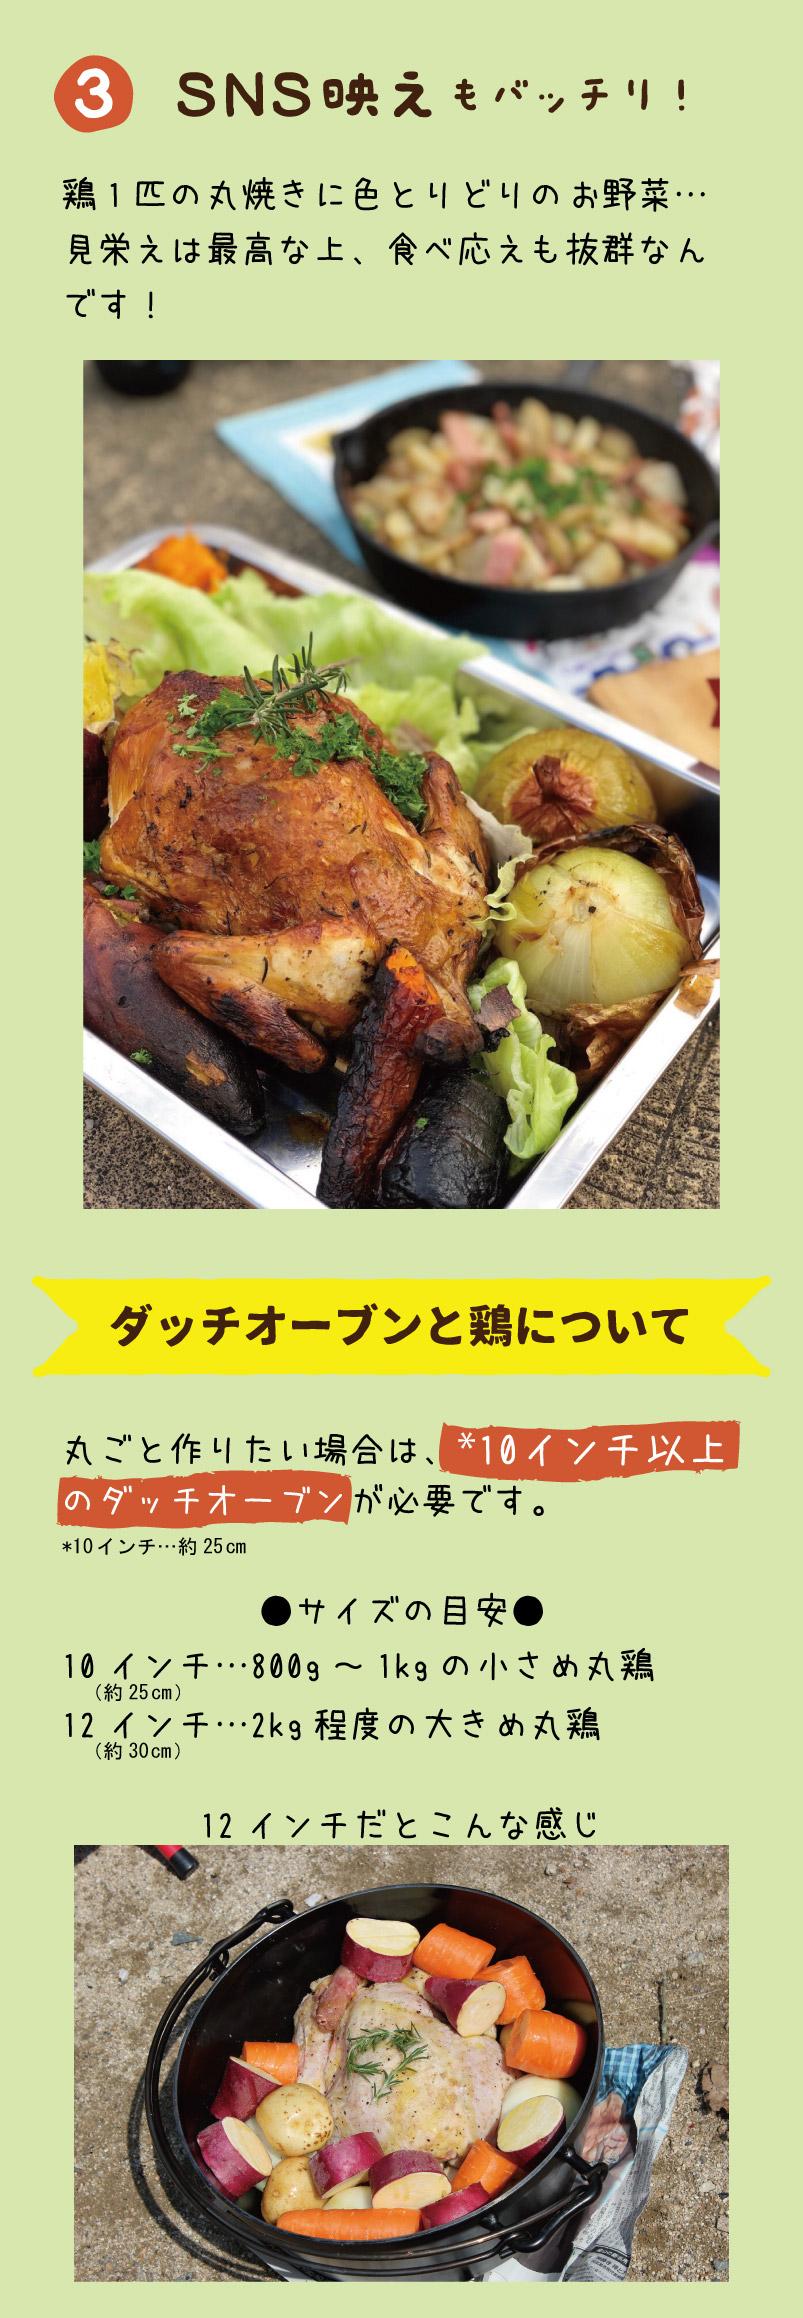 ③SNS映えもバッチリ!|鶏1匹の丸焼きに色とりどりのお野菜…見栄えは最高な上、食べ応えも抜群なんです!|ダッチオーブンと鶏について|丸ごと作りたい場合は、*10インチ以上のダッチオーブンが必要です。  ●サイズの目安● 10インチ…800g~1kgの小さめ丸鶏 12インチ…2kg程度の大きめ丸鶏|12インチだとこんな感じ